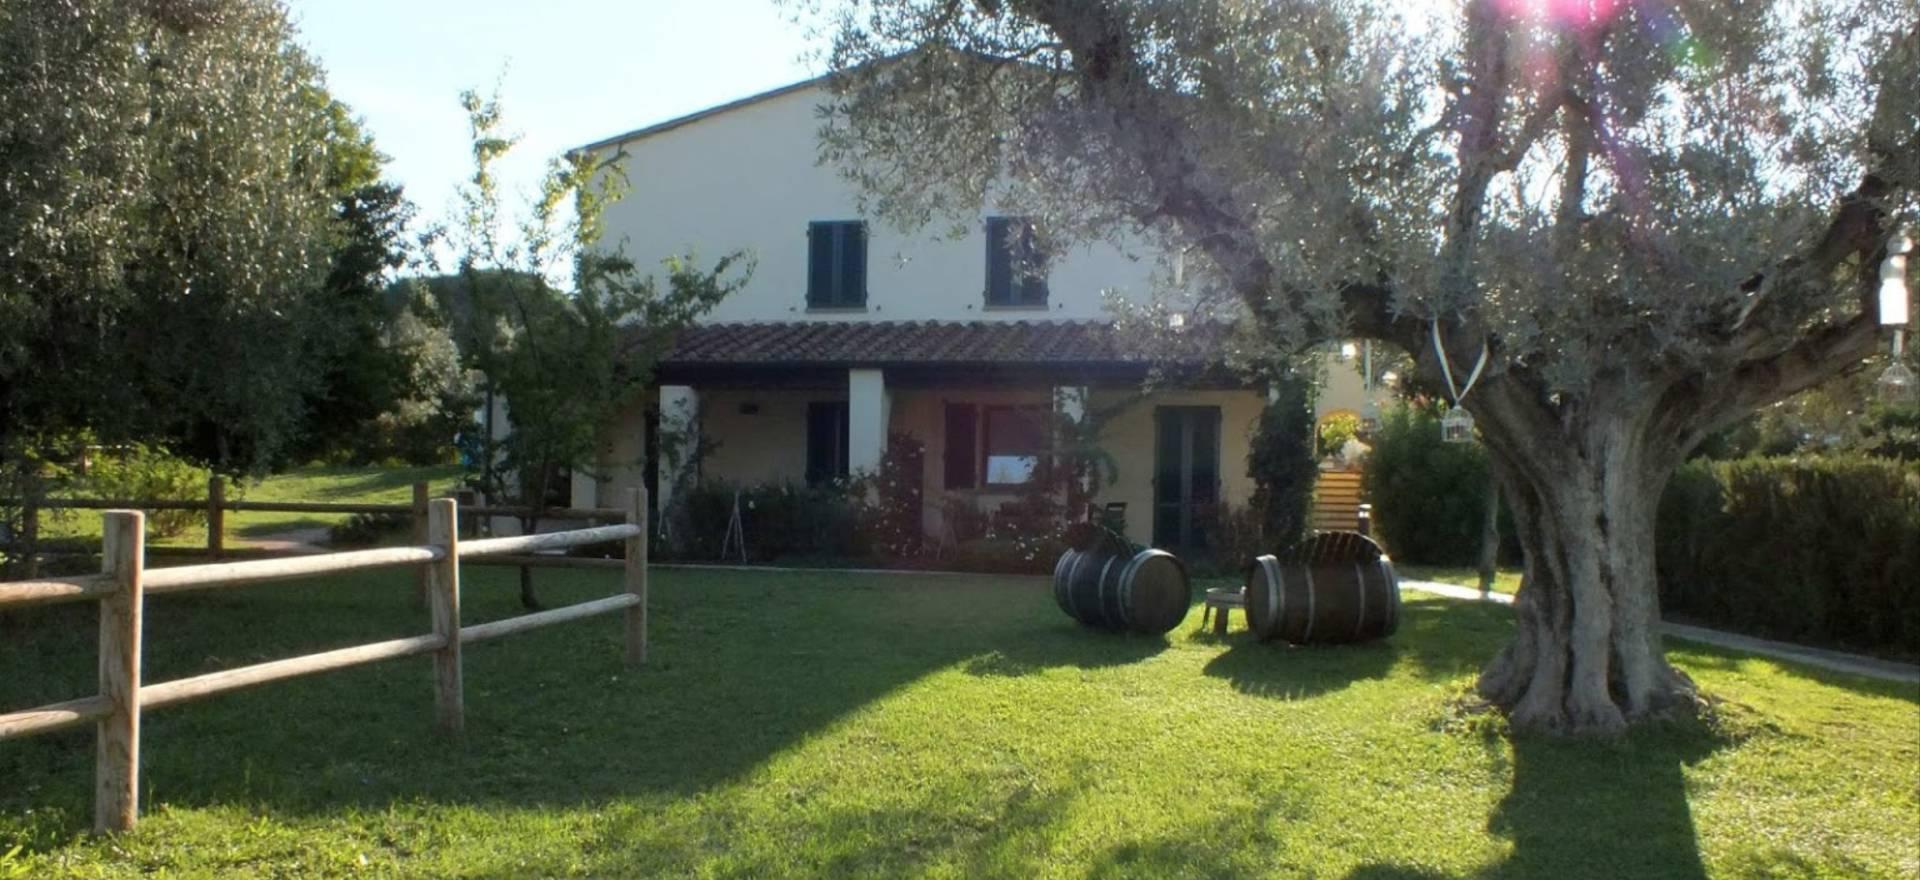 Agriturismo Toscane Agriturismo in een wijnregio en nabij het strand